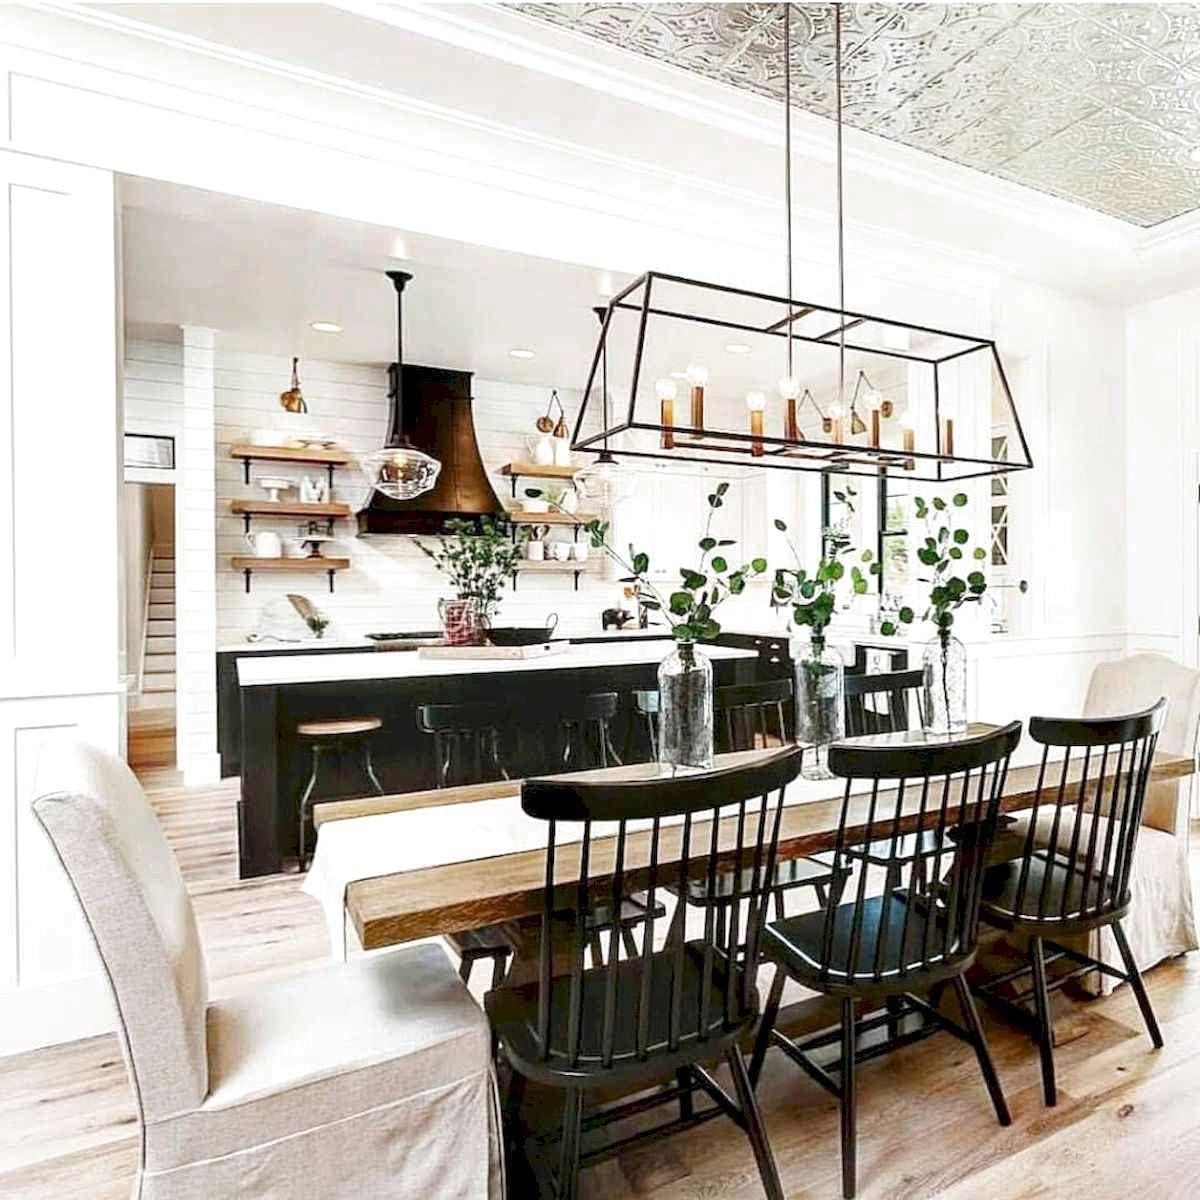 51 Modern Farmhouse Dining Room Table Ideas Decor And ...